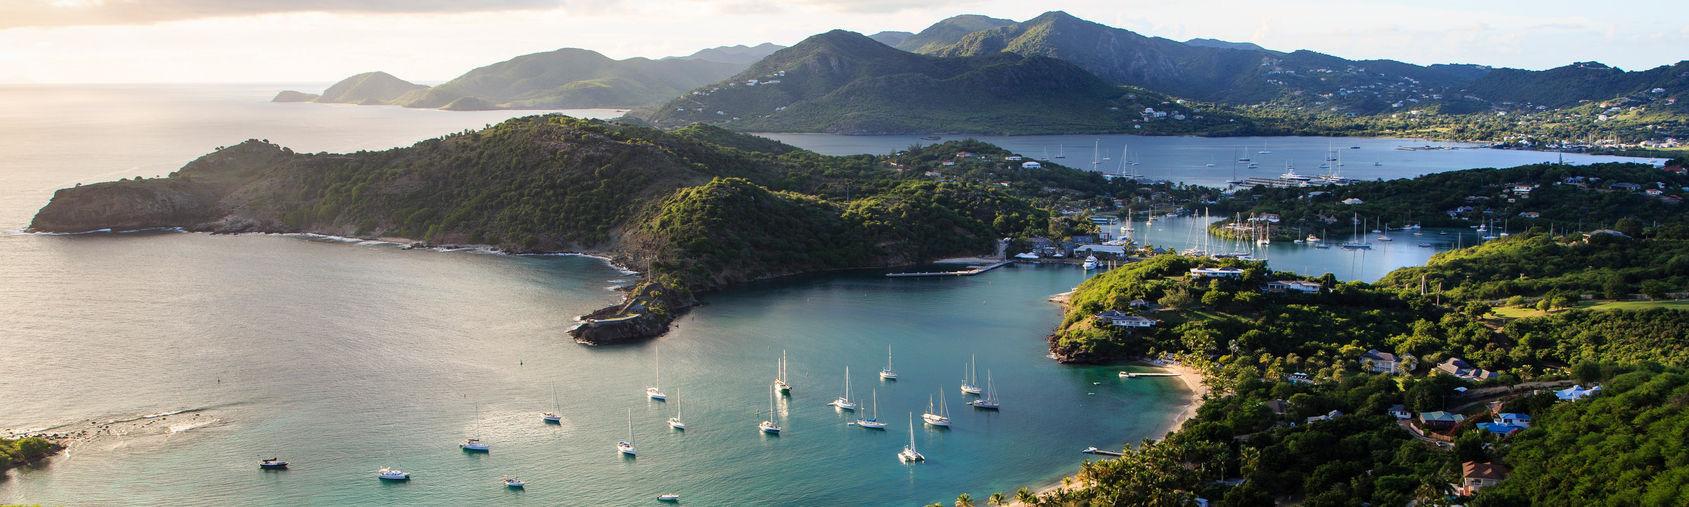 Location de voiliers à Antigua et Barbuda